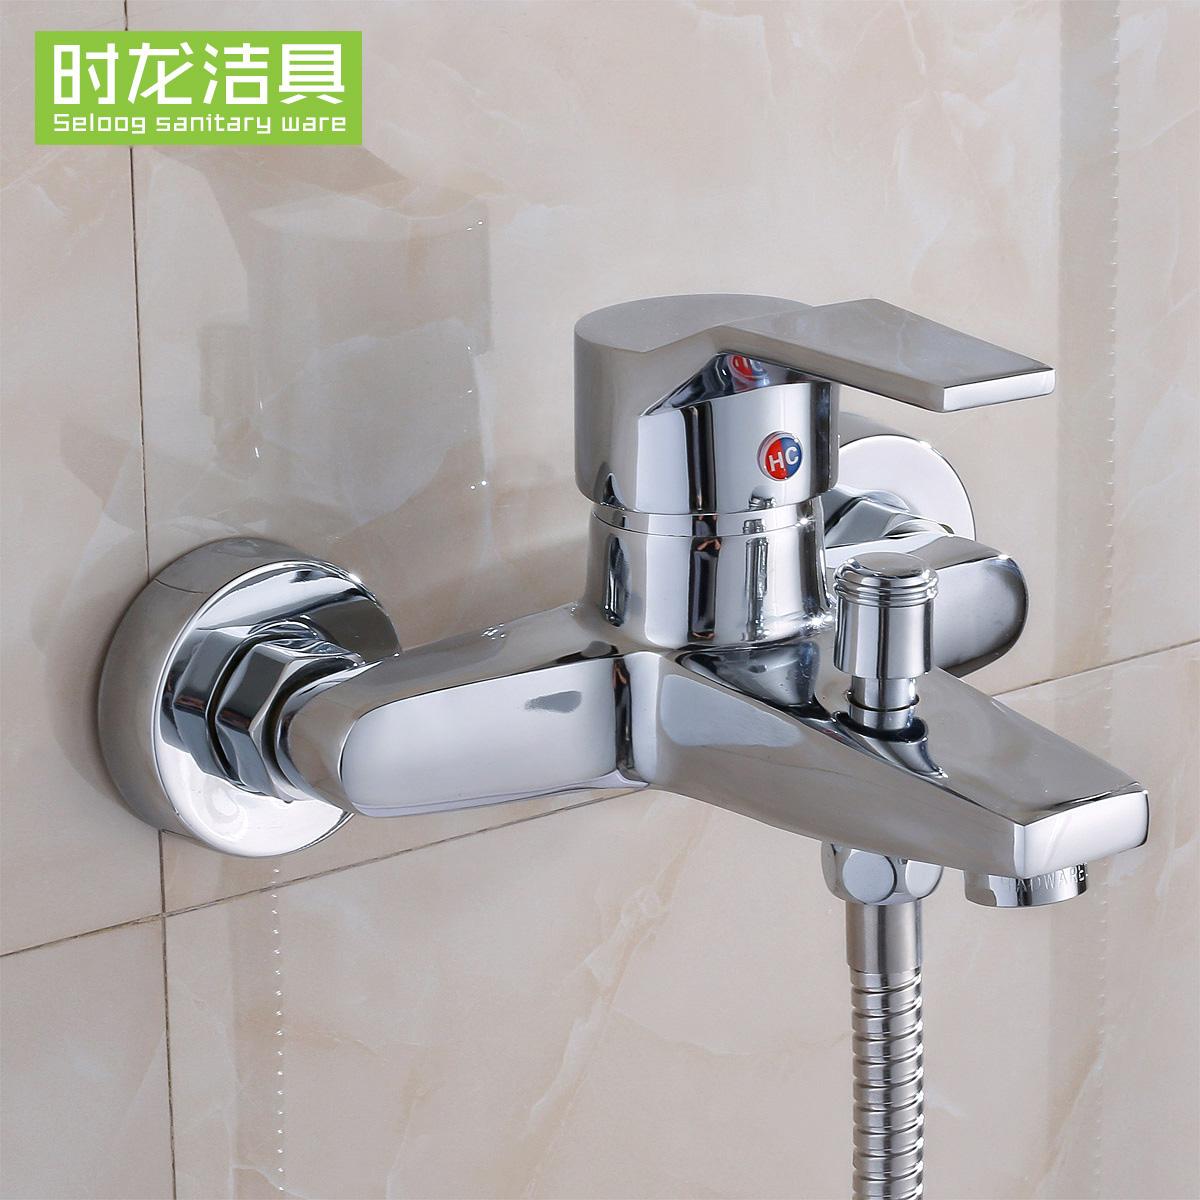 时龙卫浴全铜冷热花洒S510002